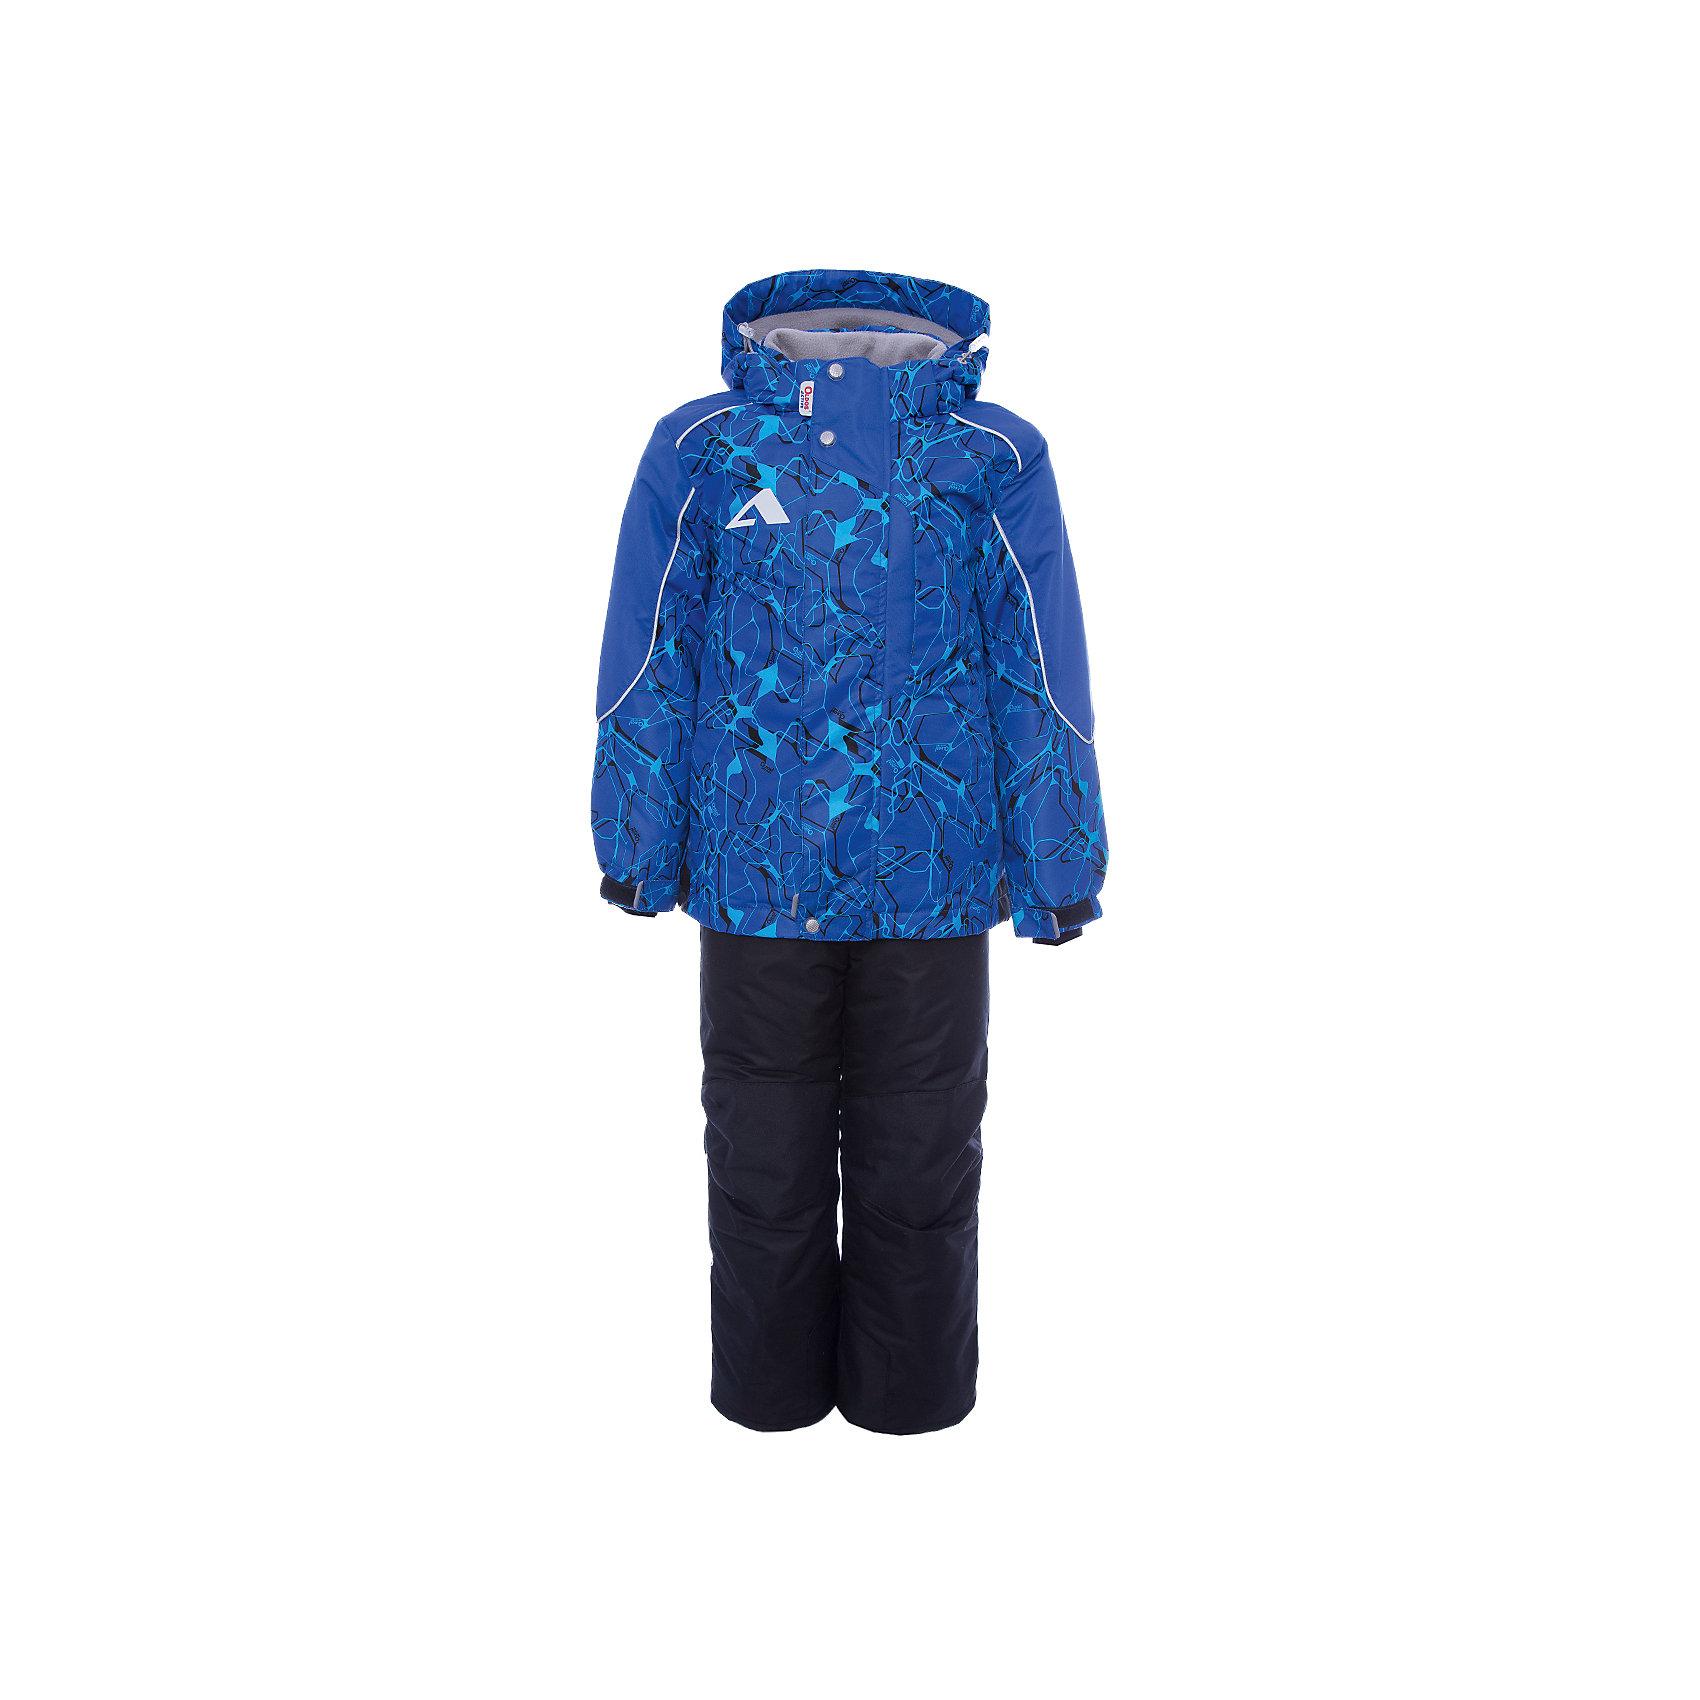 Комплект: куртка и полукомбинезон Нерон OLDOS для мальчикаВерхняя одежда<br>Характеристики товара:<br><br>• цвет: синий<br>• комплектация: куртка и полукомбинезон<br>• состав ткани: полиэстер, Teflon<br>• подкладка: флис<br>• утеплитель: Hollofan pro<br>• сезон: зима<br>• мембранное покрытие<br>• температурный режим: от -30 до +5<br>• водонепроницаемость: 5000 мм <br>• паропроницаемость: 5000 г/м2<br>• плотность утеплителя: куртка - 200 г/м2, полукомбинезон - 150 г/м2<br>• застежка: молния<br>• капюшон: без меха, съемный<br>• полукомбинезон усилен износостойкими вставками<br>• страна бренда: Россия<br>• страна изготовитель: Россия<br><br>Высокотехнологичное мембранное покрытие детского комплекта - это защита от воды и грязи, ветра, за ним легко ухаживать. Теплый зимний комплект от бренда Oldos разработан специально для детей. Мембранный комплект для мальчика дополнен удобными элементами: съемный капюшон, воротник-стойка, ветрозащитные планки, снего-ветрозащитная юбка. <br><br>Комплект: куртка и полукомбинезон Нерон Oldos (Олдос) для мальчика можно купить в нашем интернет-магазине.<br><br>Ширина мм: 356<br>Глубина мм: 10<br>Высота мм: 245<br>Вес г: 519<br>Цвет: синий<br>Возраст от месяцев: 108<br>Возраст до месяцев: 120<br>Пол: Мужской<br>Возраст: Детский<br>Размер: 140,92,98,104,110,116,122,128,134<br>SKU: 7016249